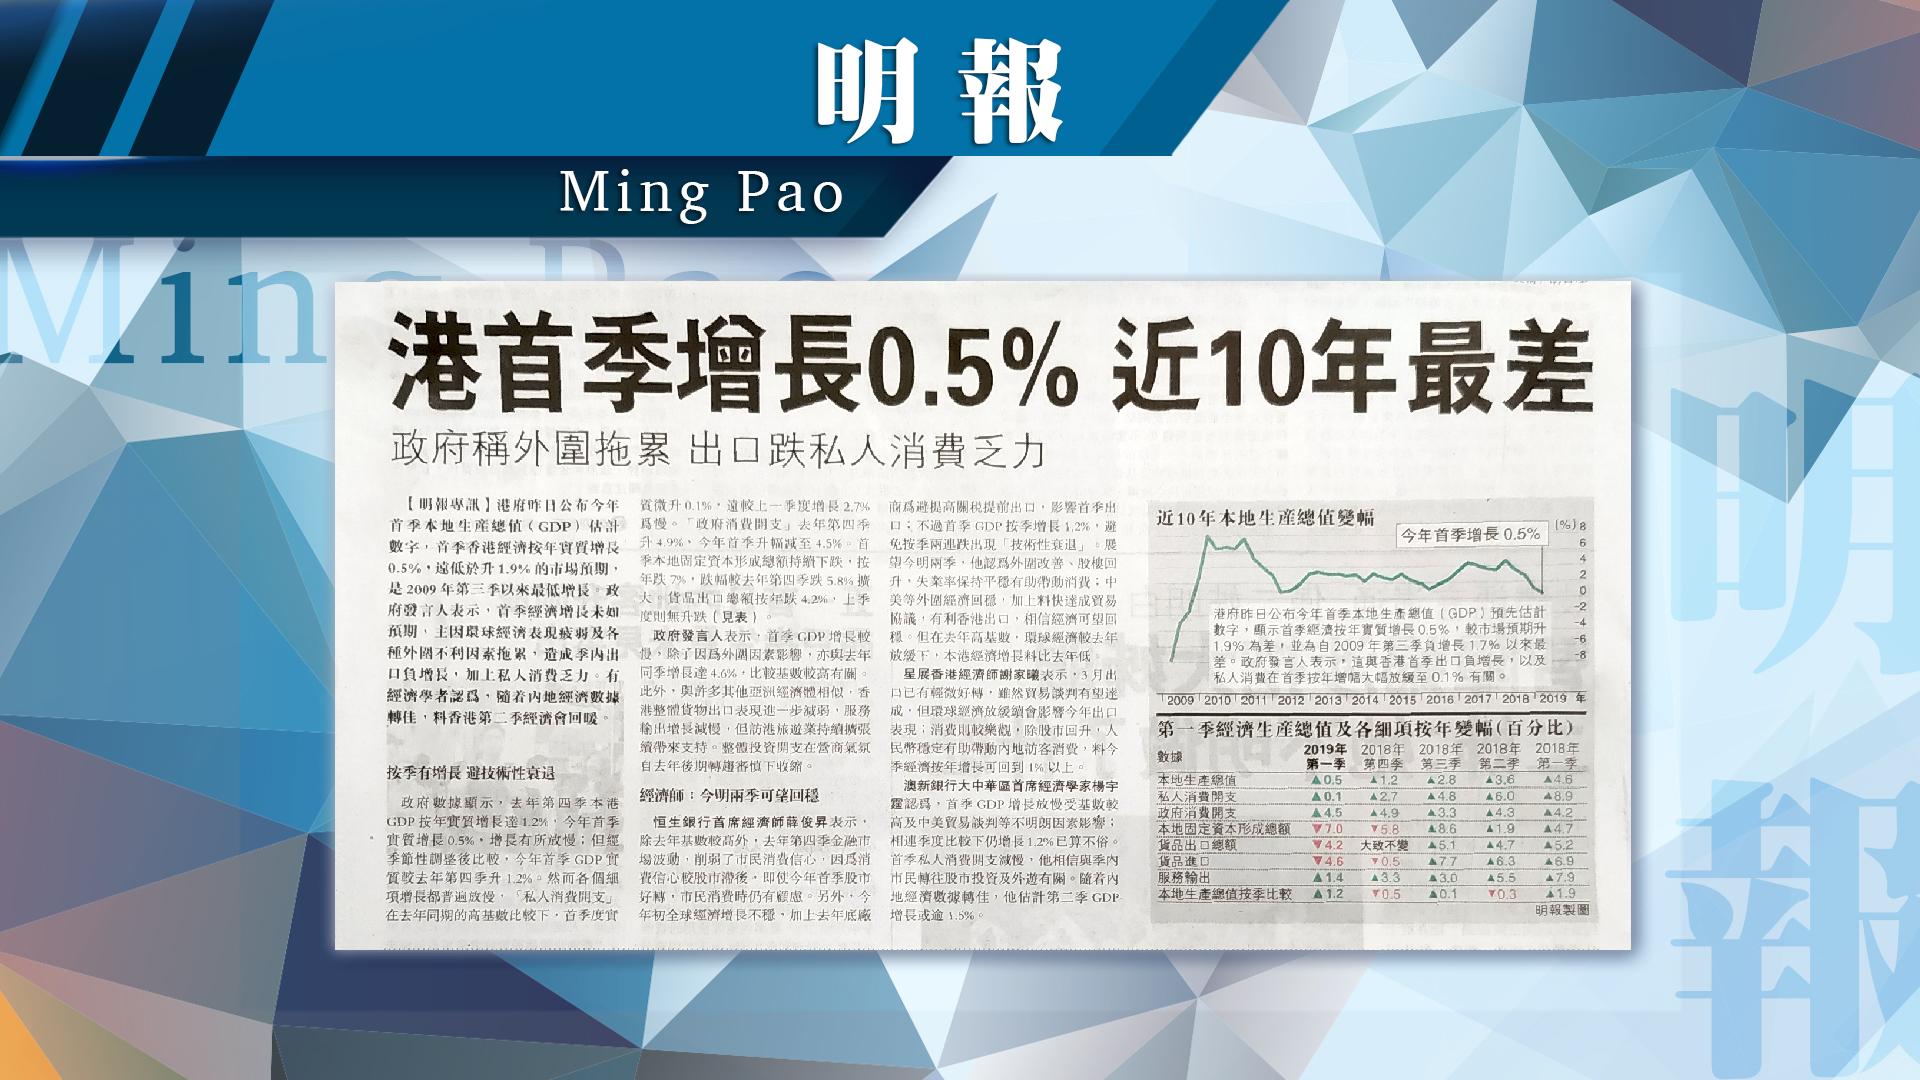 【報章A1速覽】港首季經濟僅增0.5% 10年最差;女大狀嚴重流失 公會研侍產假補貼